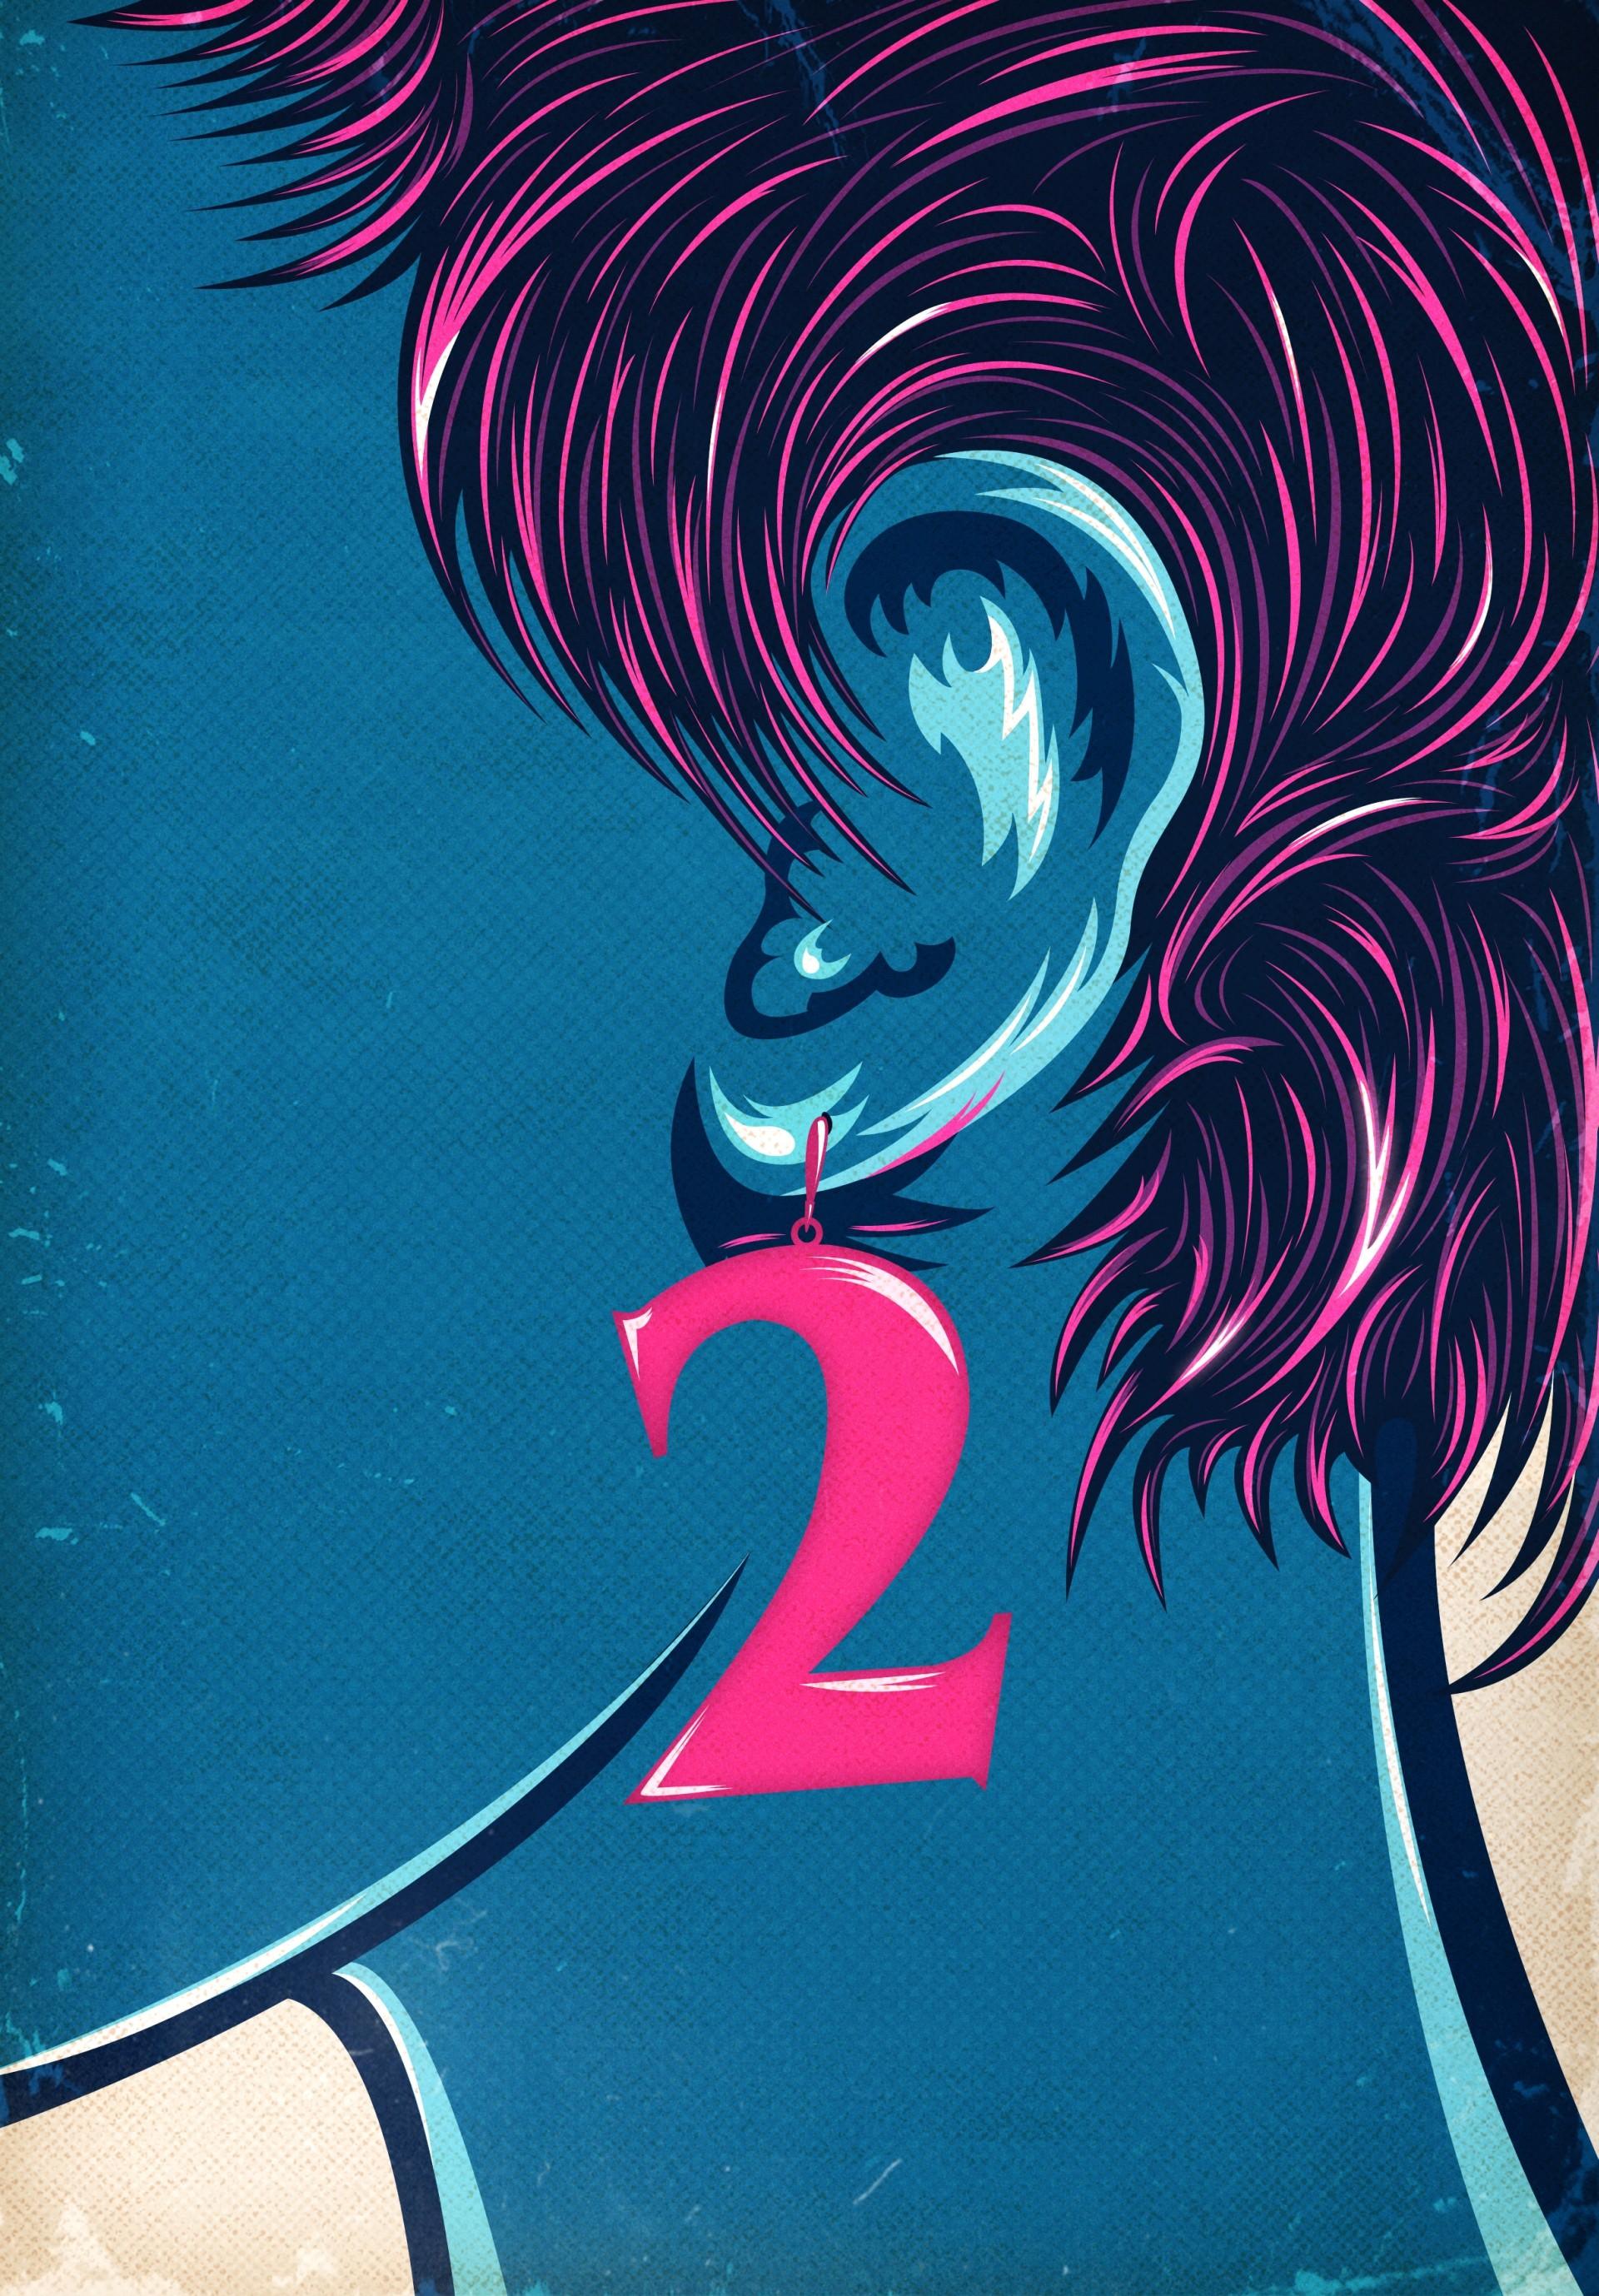 Sorin ilie stranger things 2 poster resized